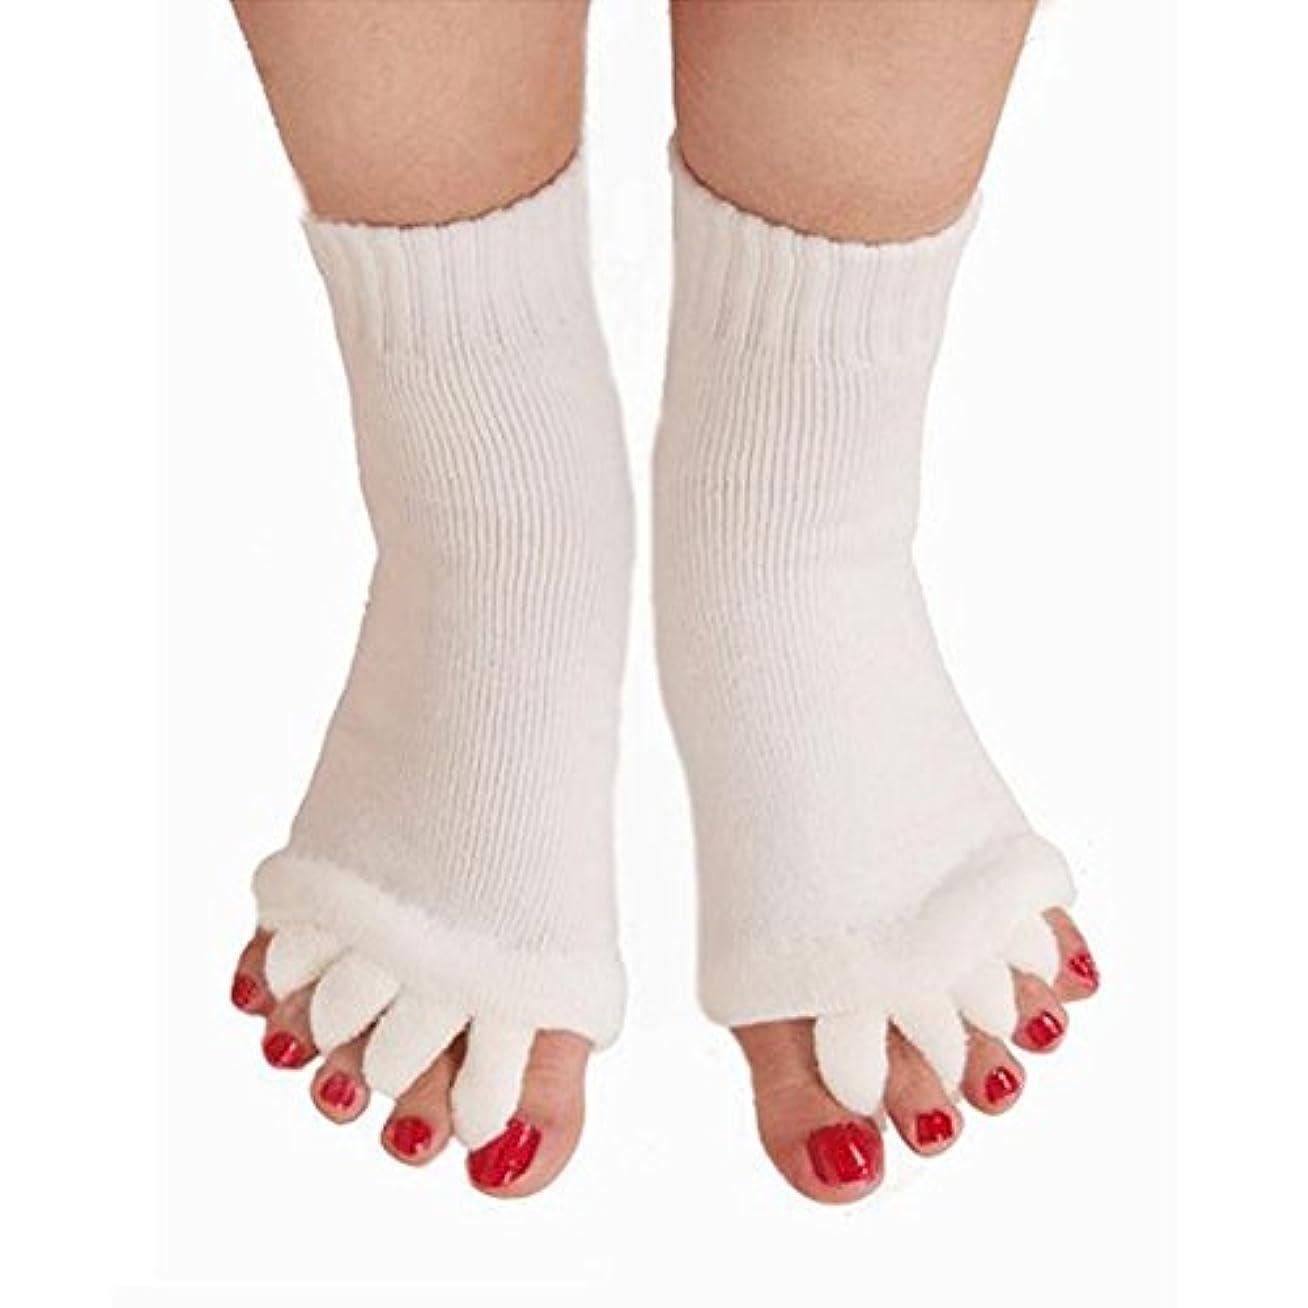 大いにトリプル公平5本指 ソックス 靴下 足指全開 スリーピングソックス 足指ケア 痛みを軽減する 外反母趾 偏平足対策 ヨガウェア 美脚 就寝時用 快眠 むくみ解消 ホワイト 1ペア